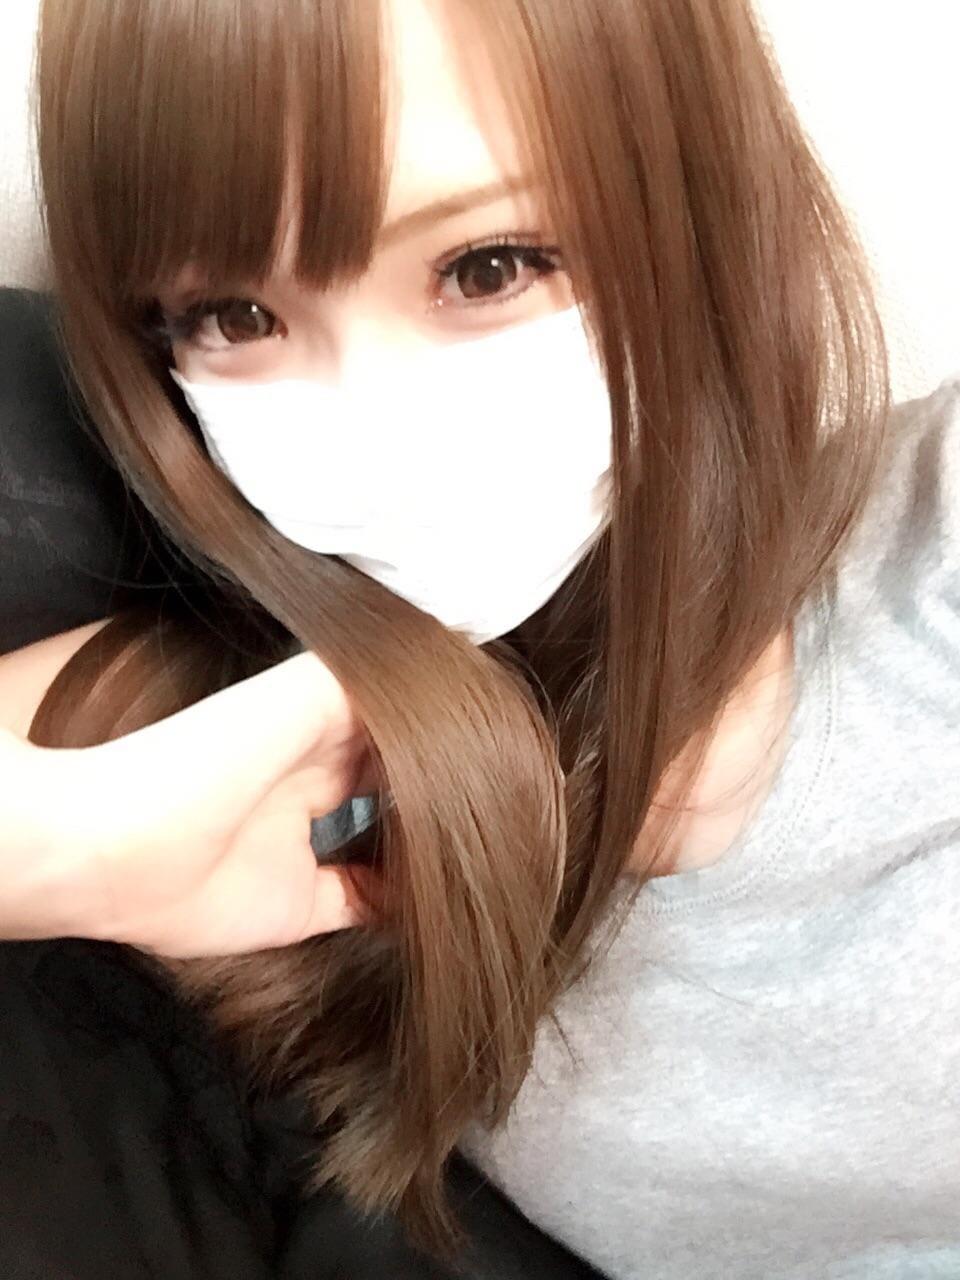 「みたよ!??」10/25(木) 14:40 | Reiの写メ・風俗動画